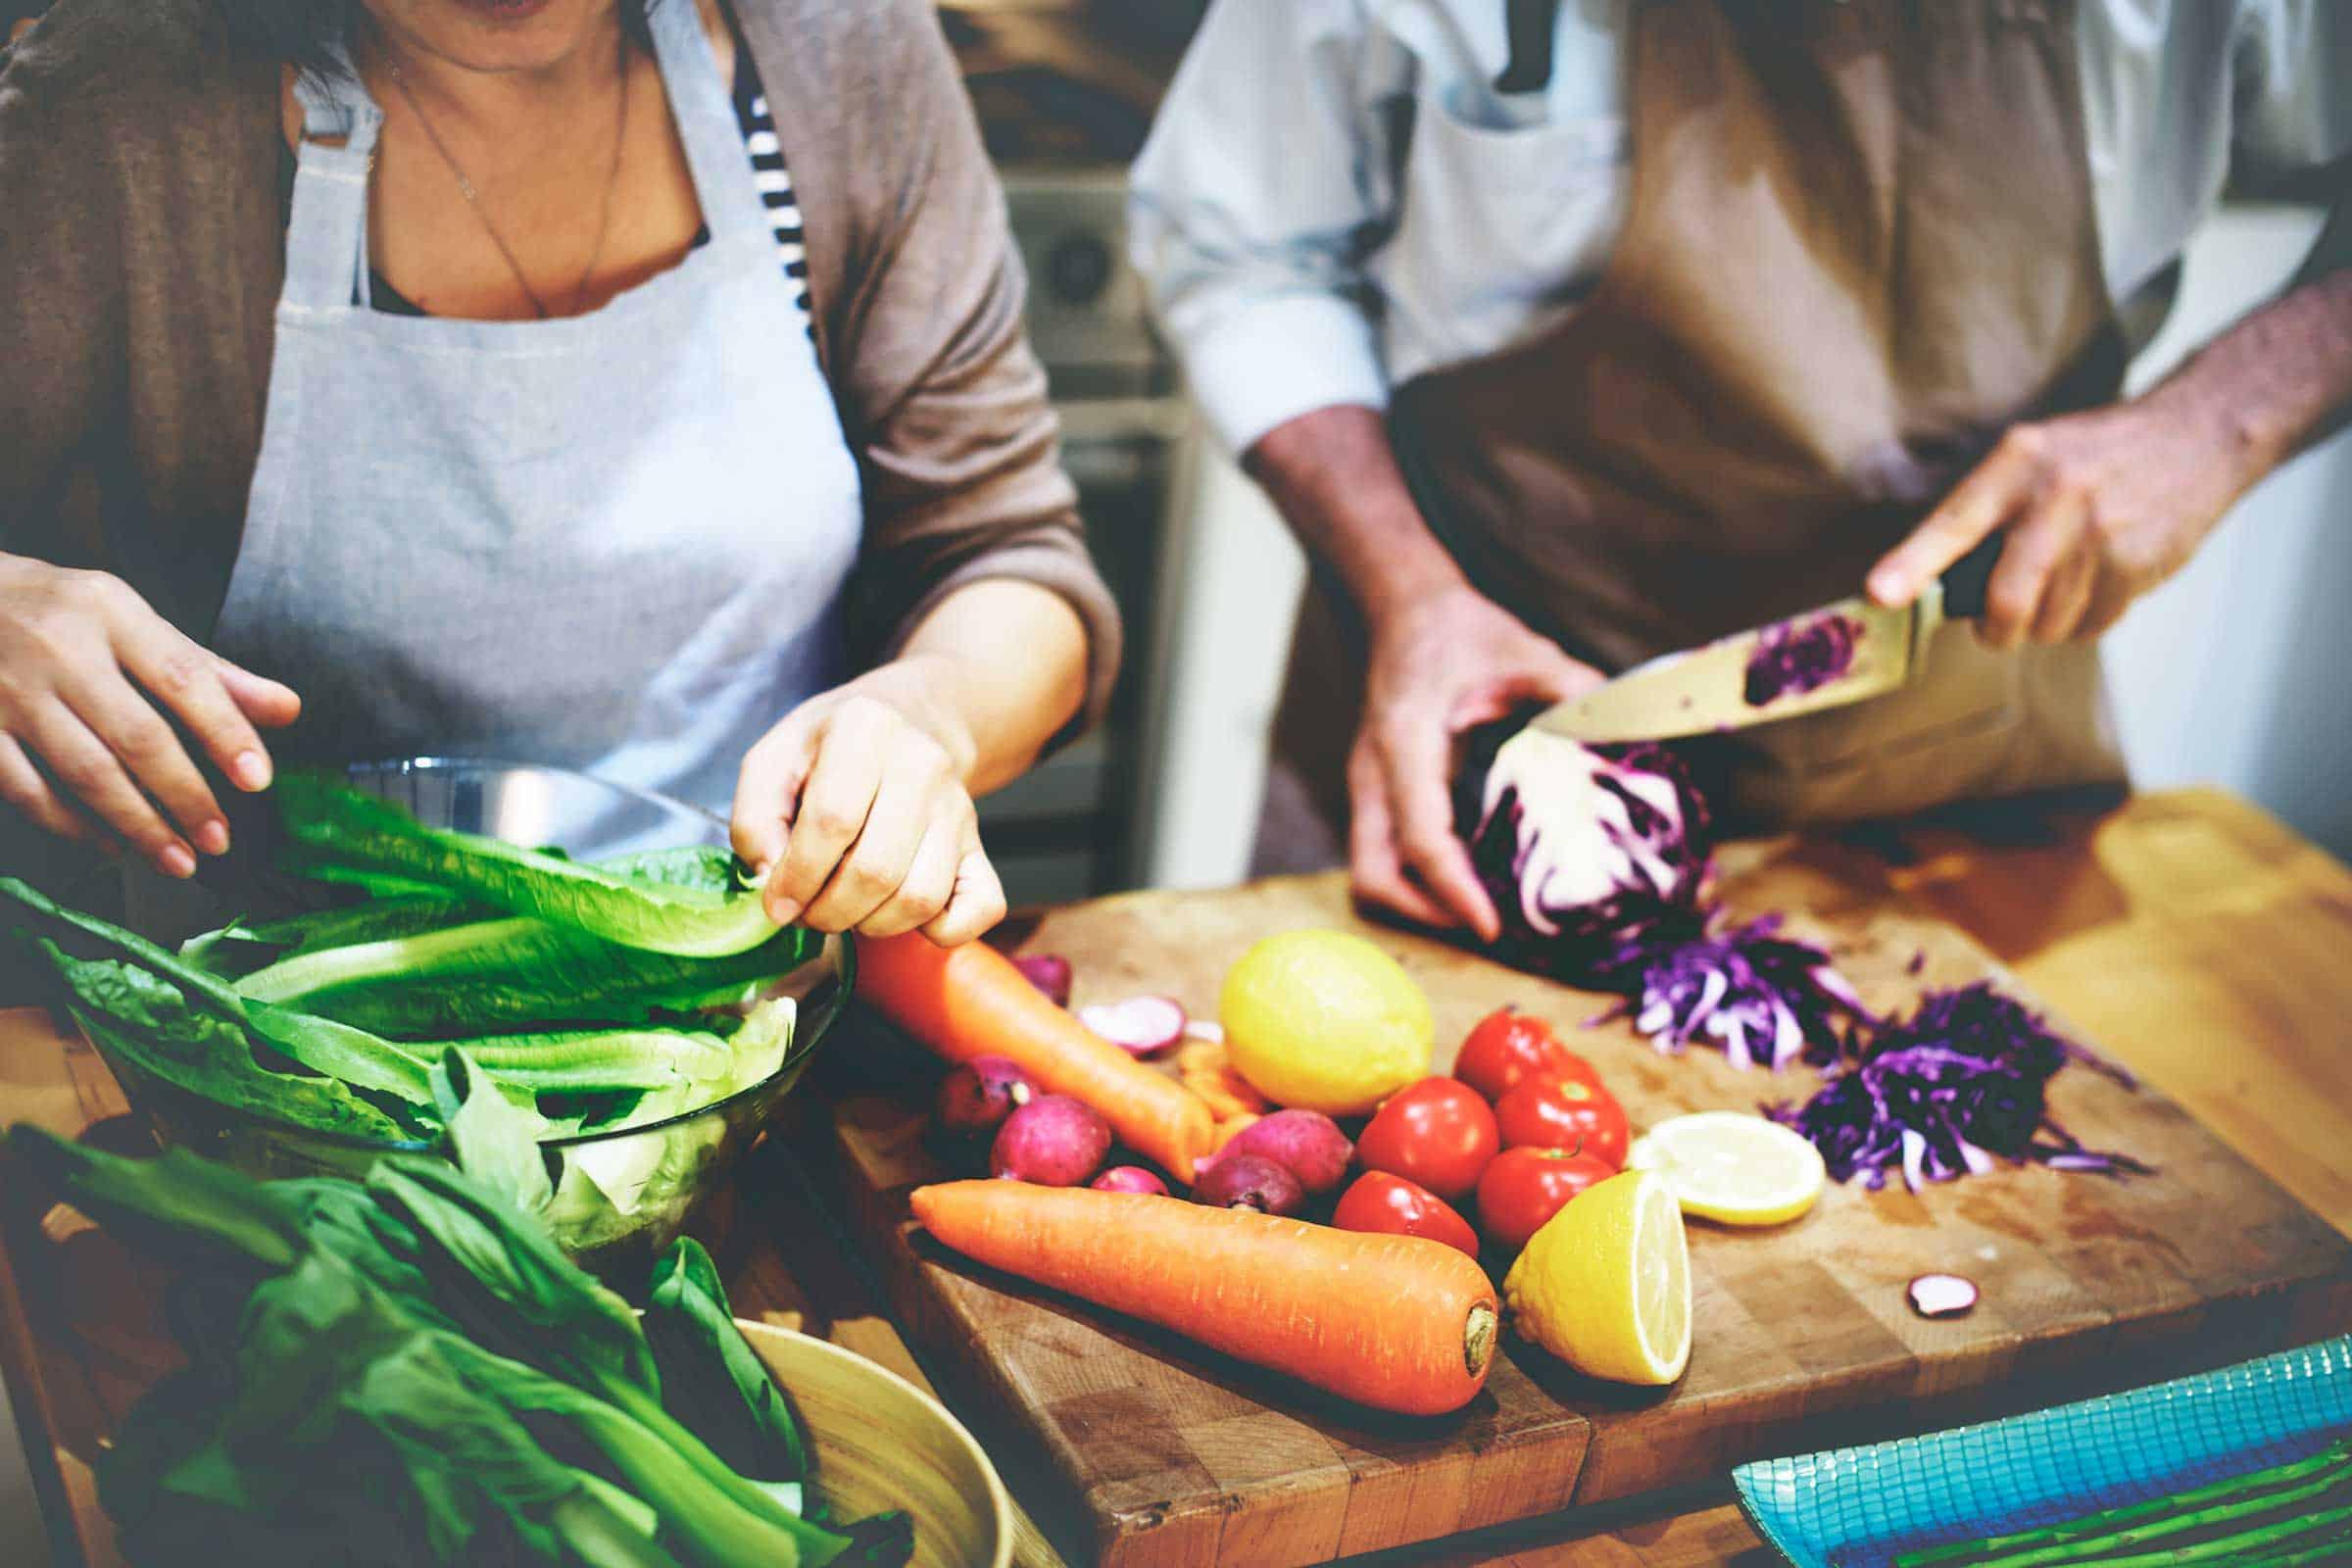 5 Easy Ways To Adopt a Mediterranean Diet